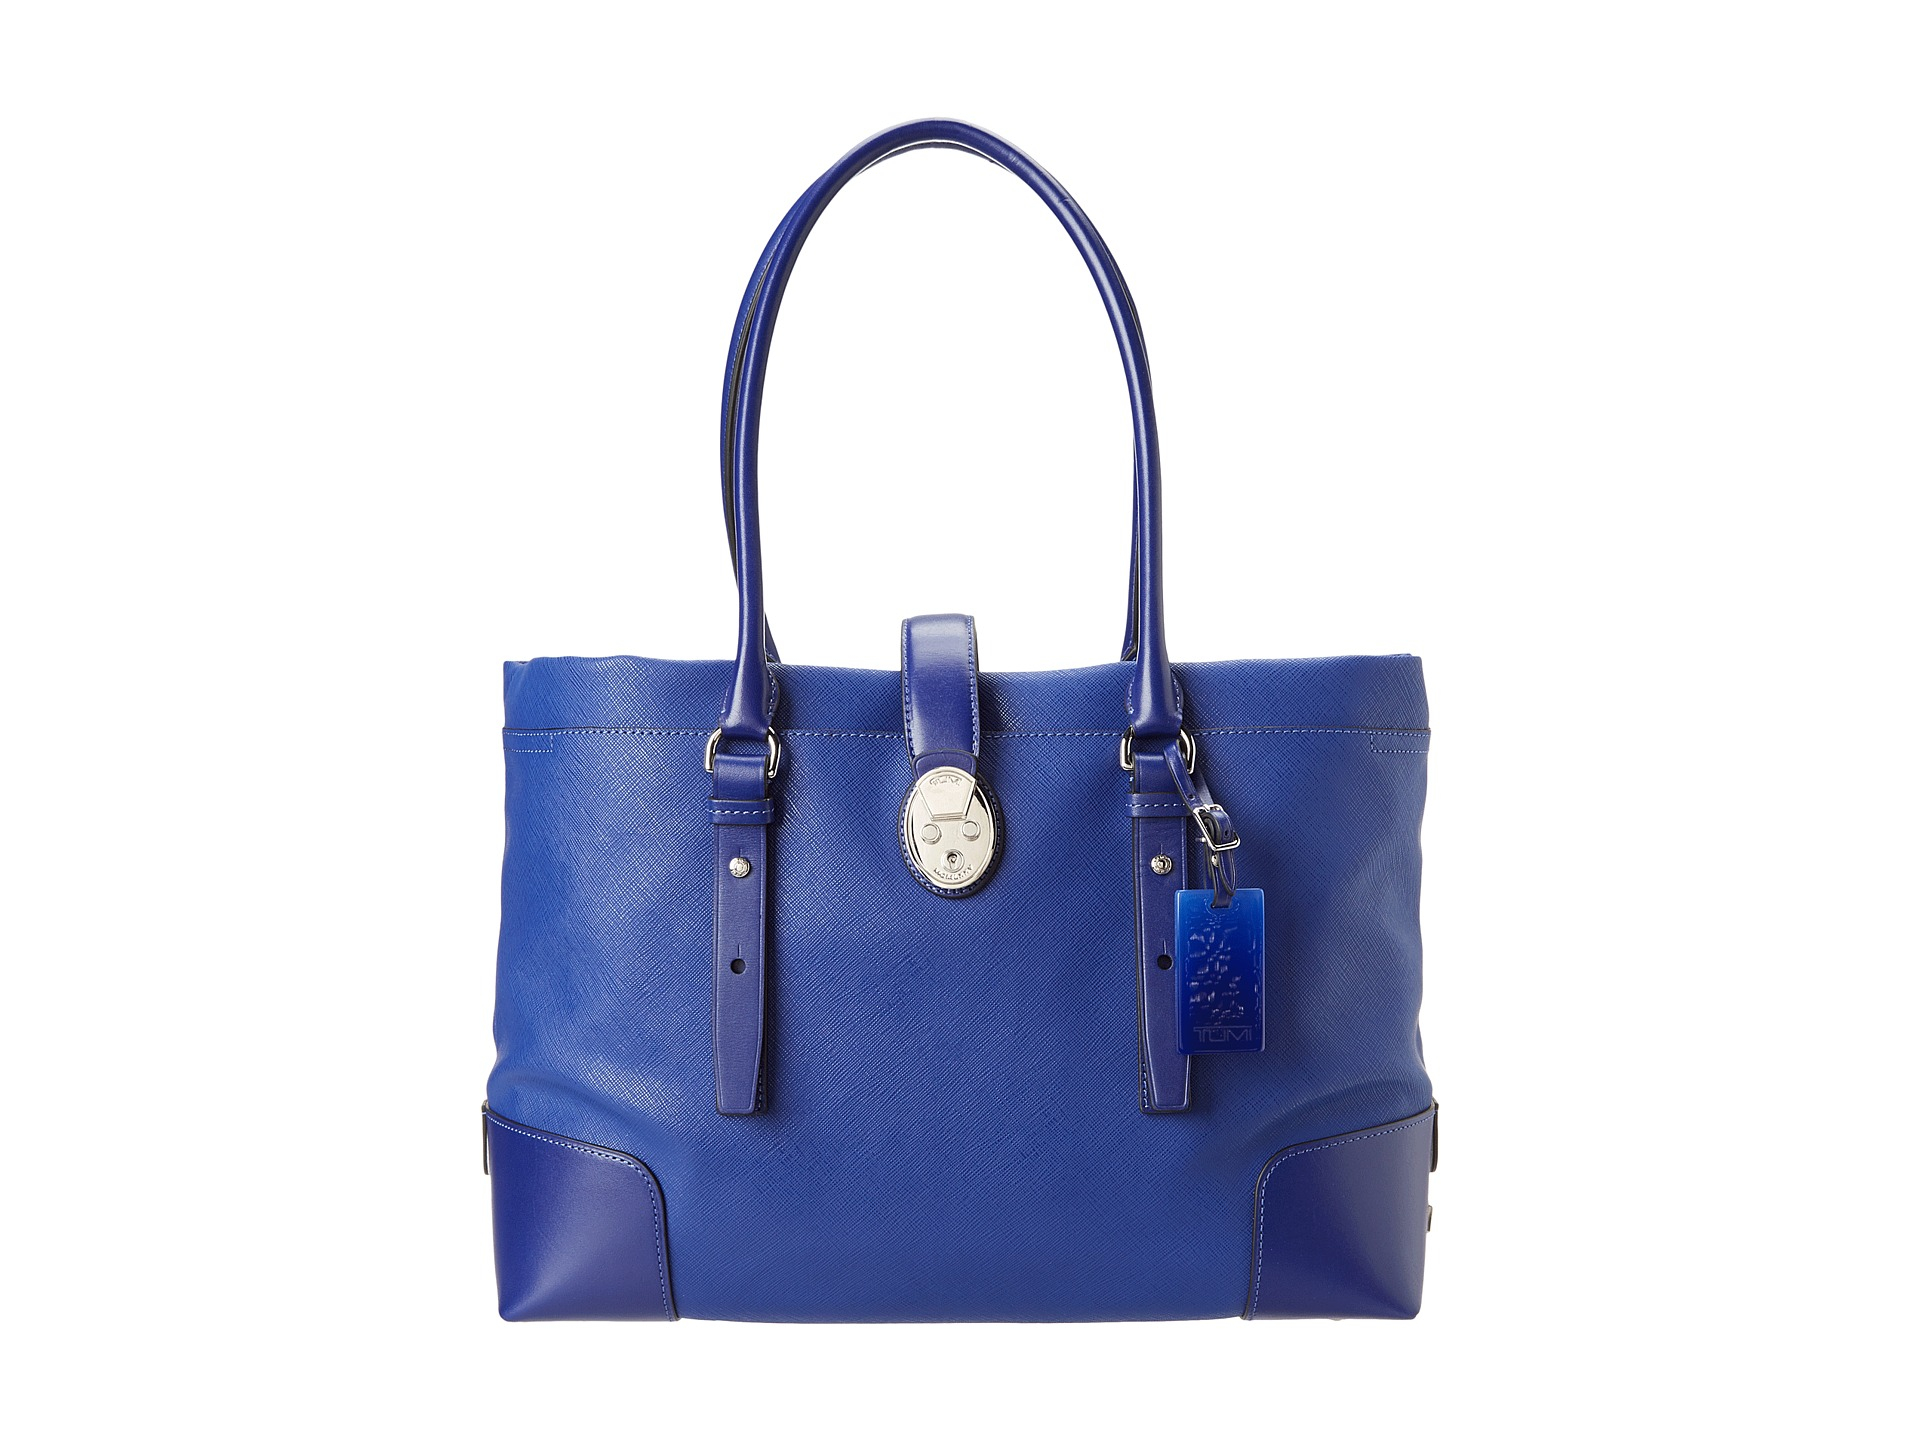 55ea2c91a667 Lyst - Tumi Villa Turin Shopper Tote in Blue